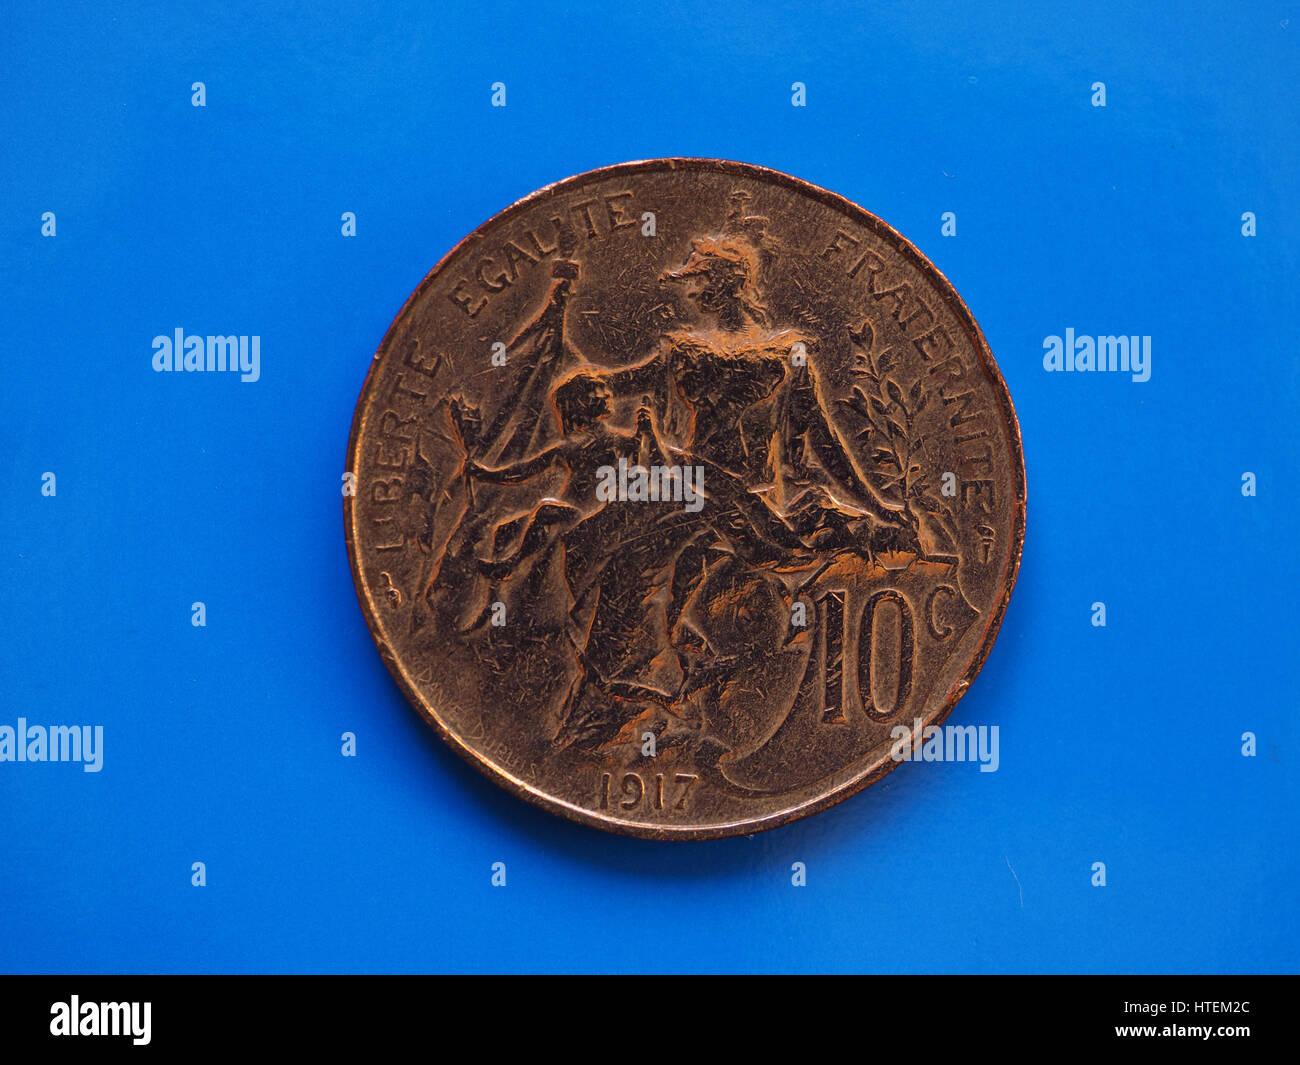 Alte Französische Münze 10 Cent Auf Blauem Hintergrund Stockfoto